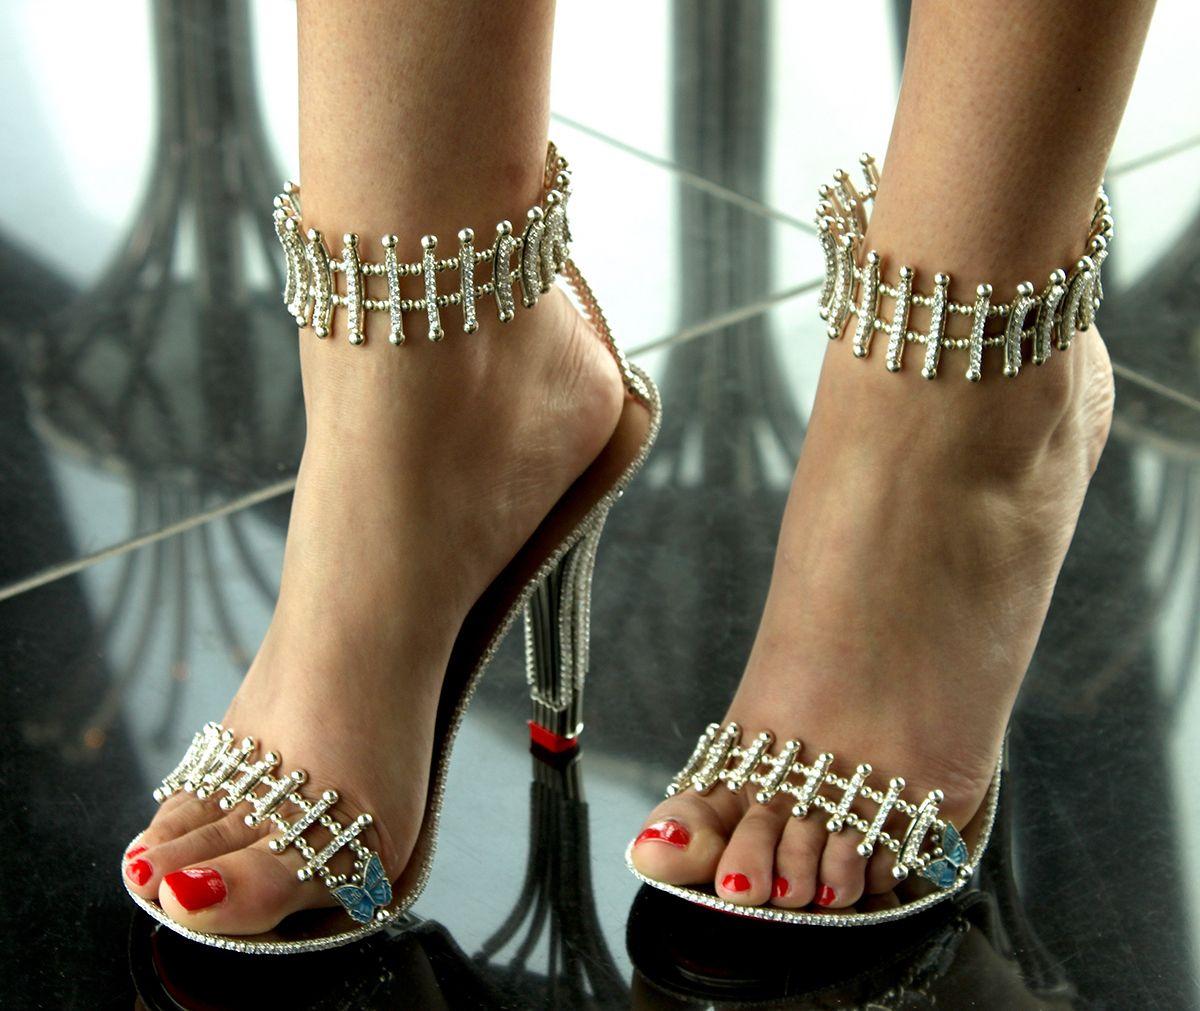 Sapato comprado pela Beyoncé custa R$ 1 milhão